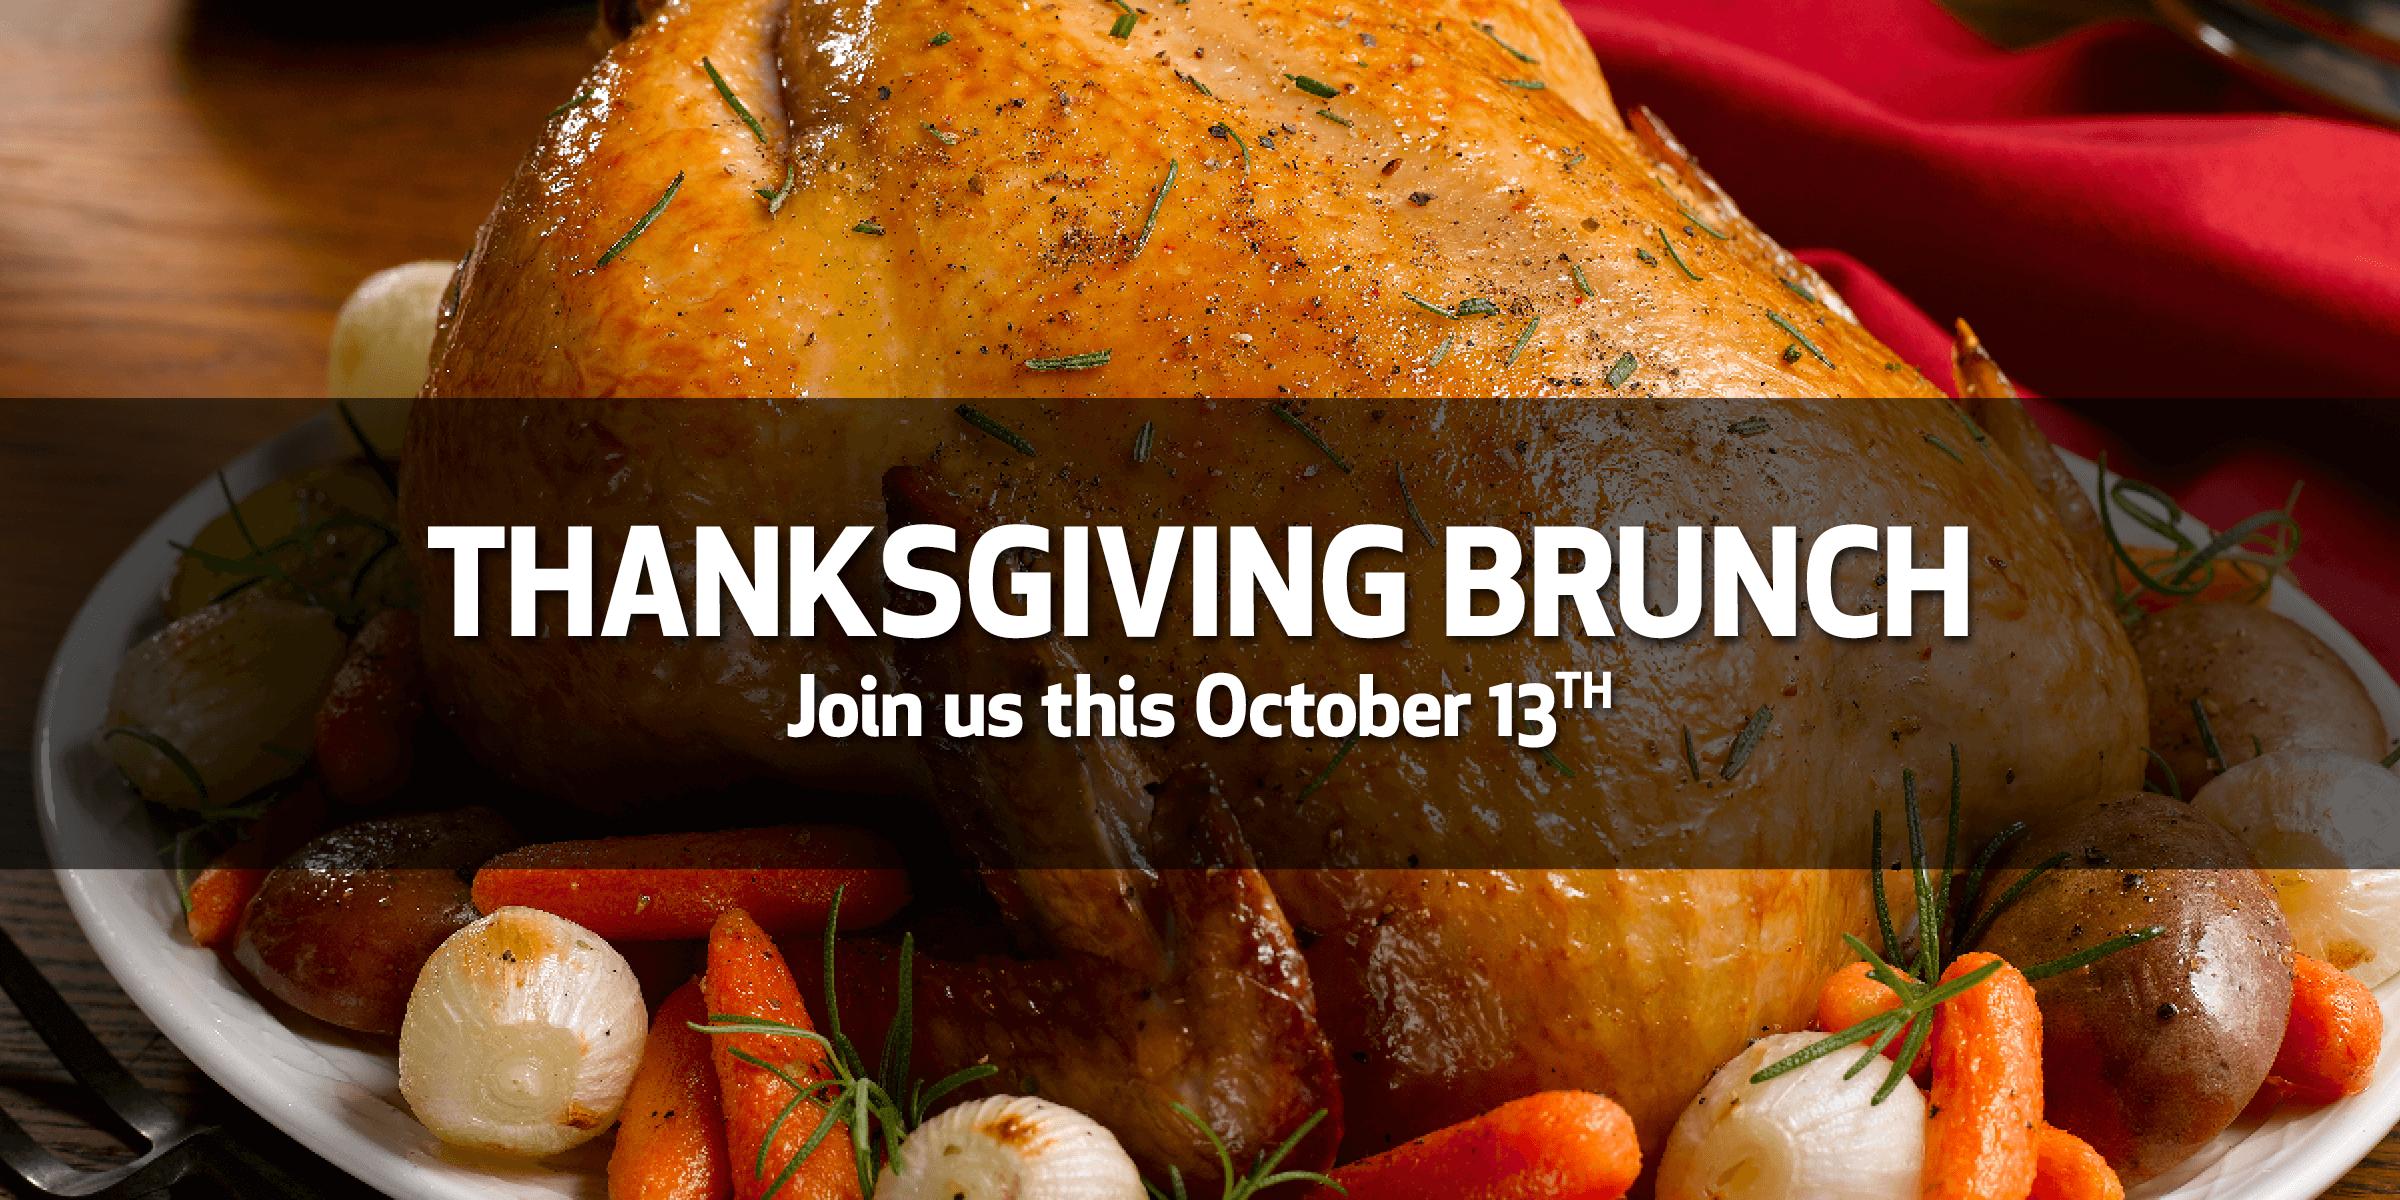 Thanksgiving-Brunch-2019-banner.png